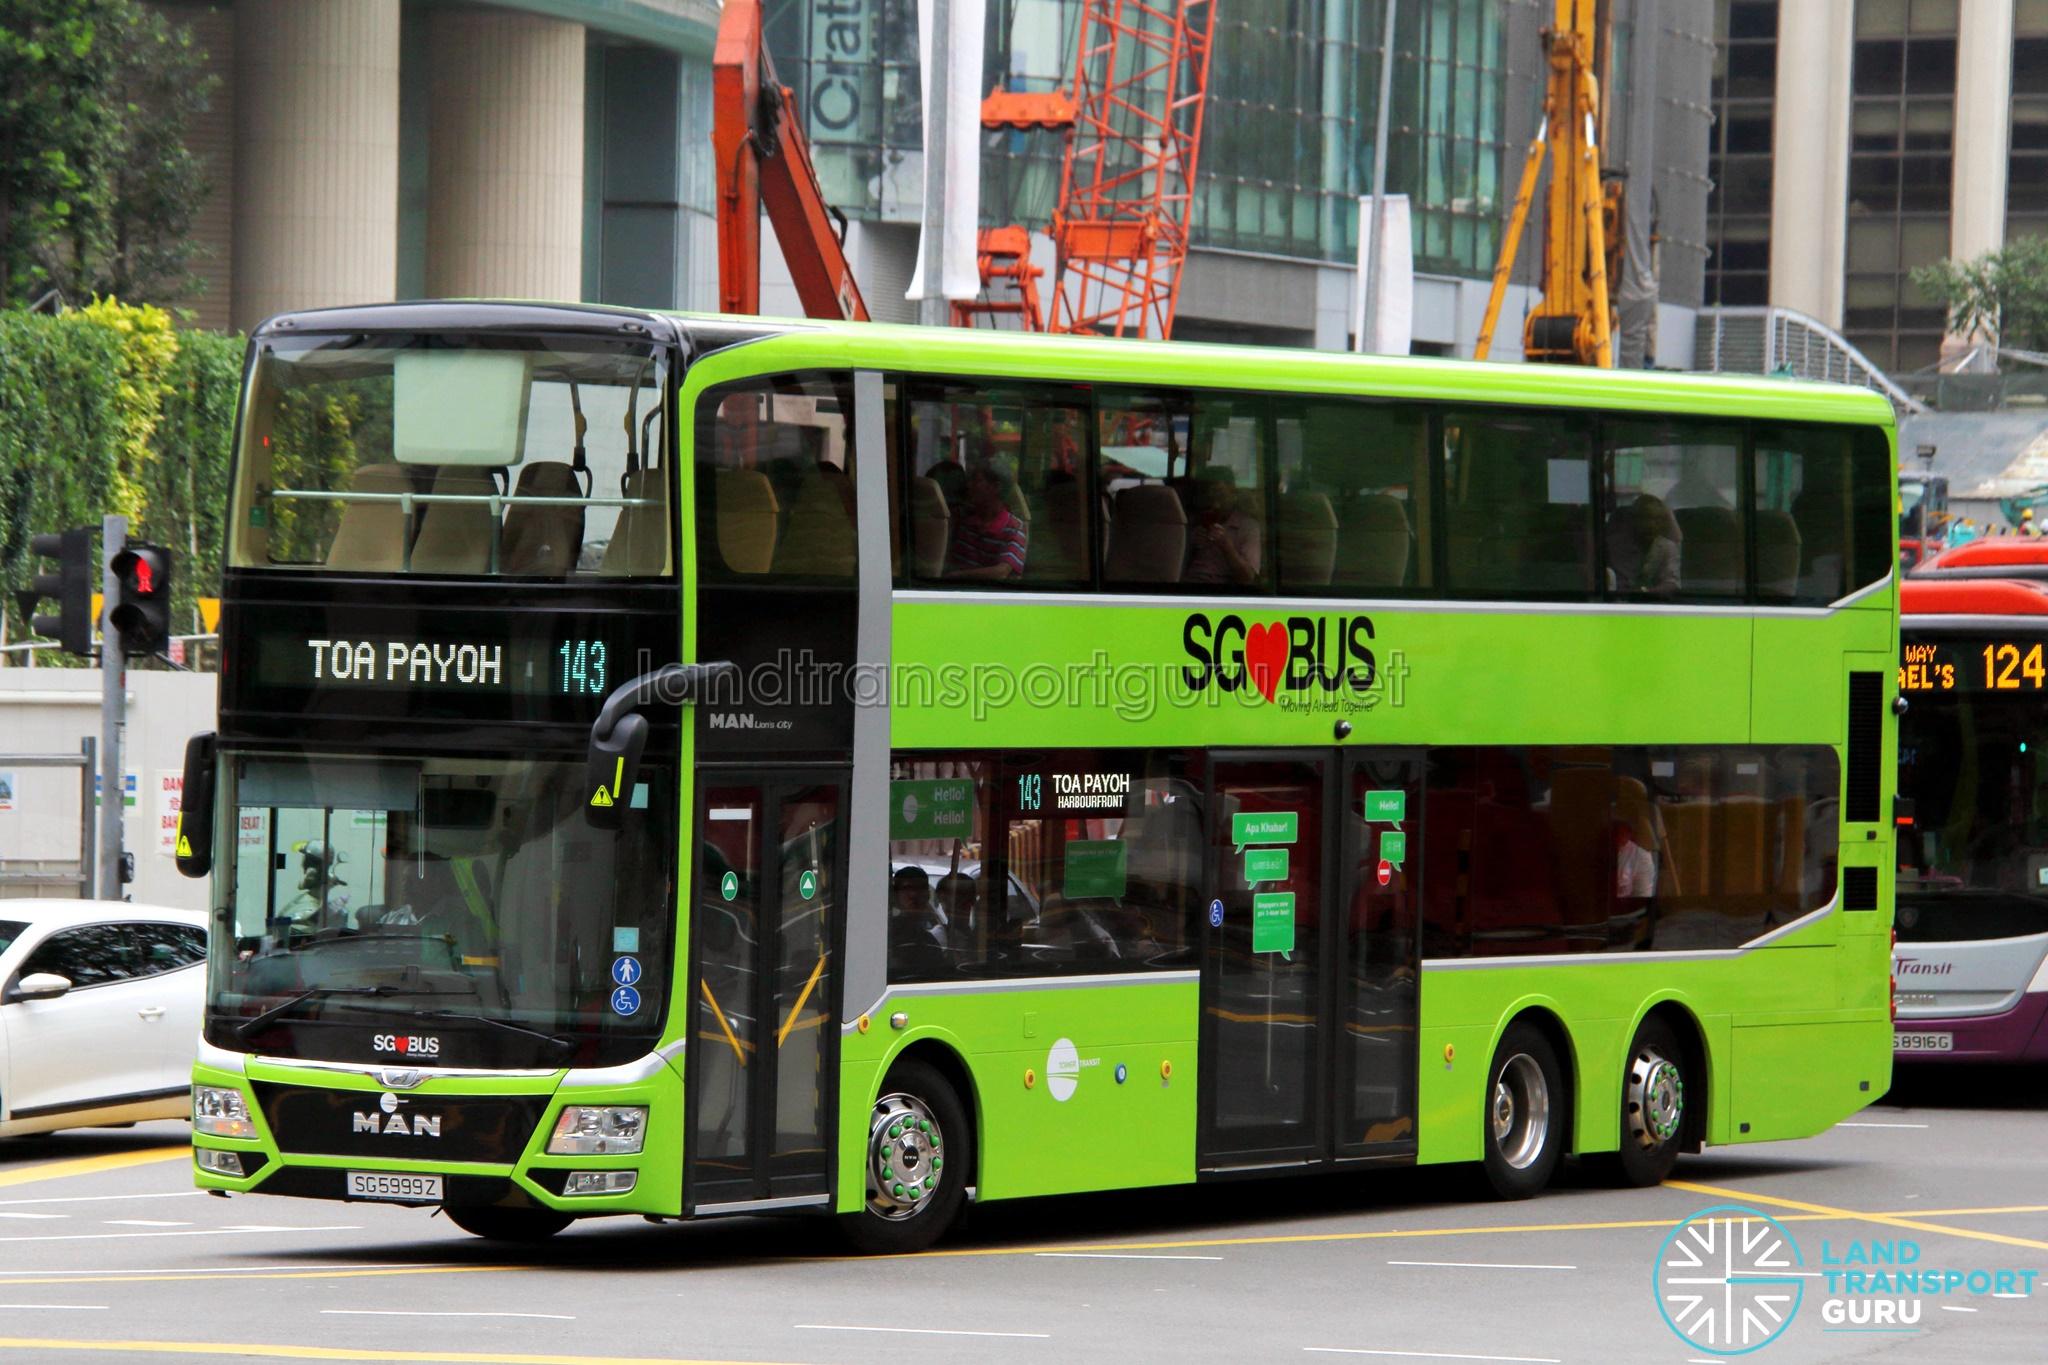 MAN A95 – Lion's City DD (3-Door) Concept Bus